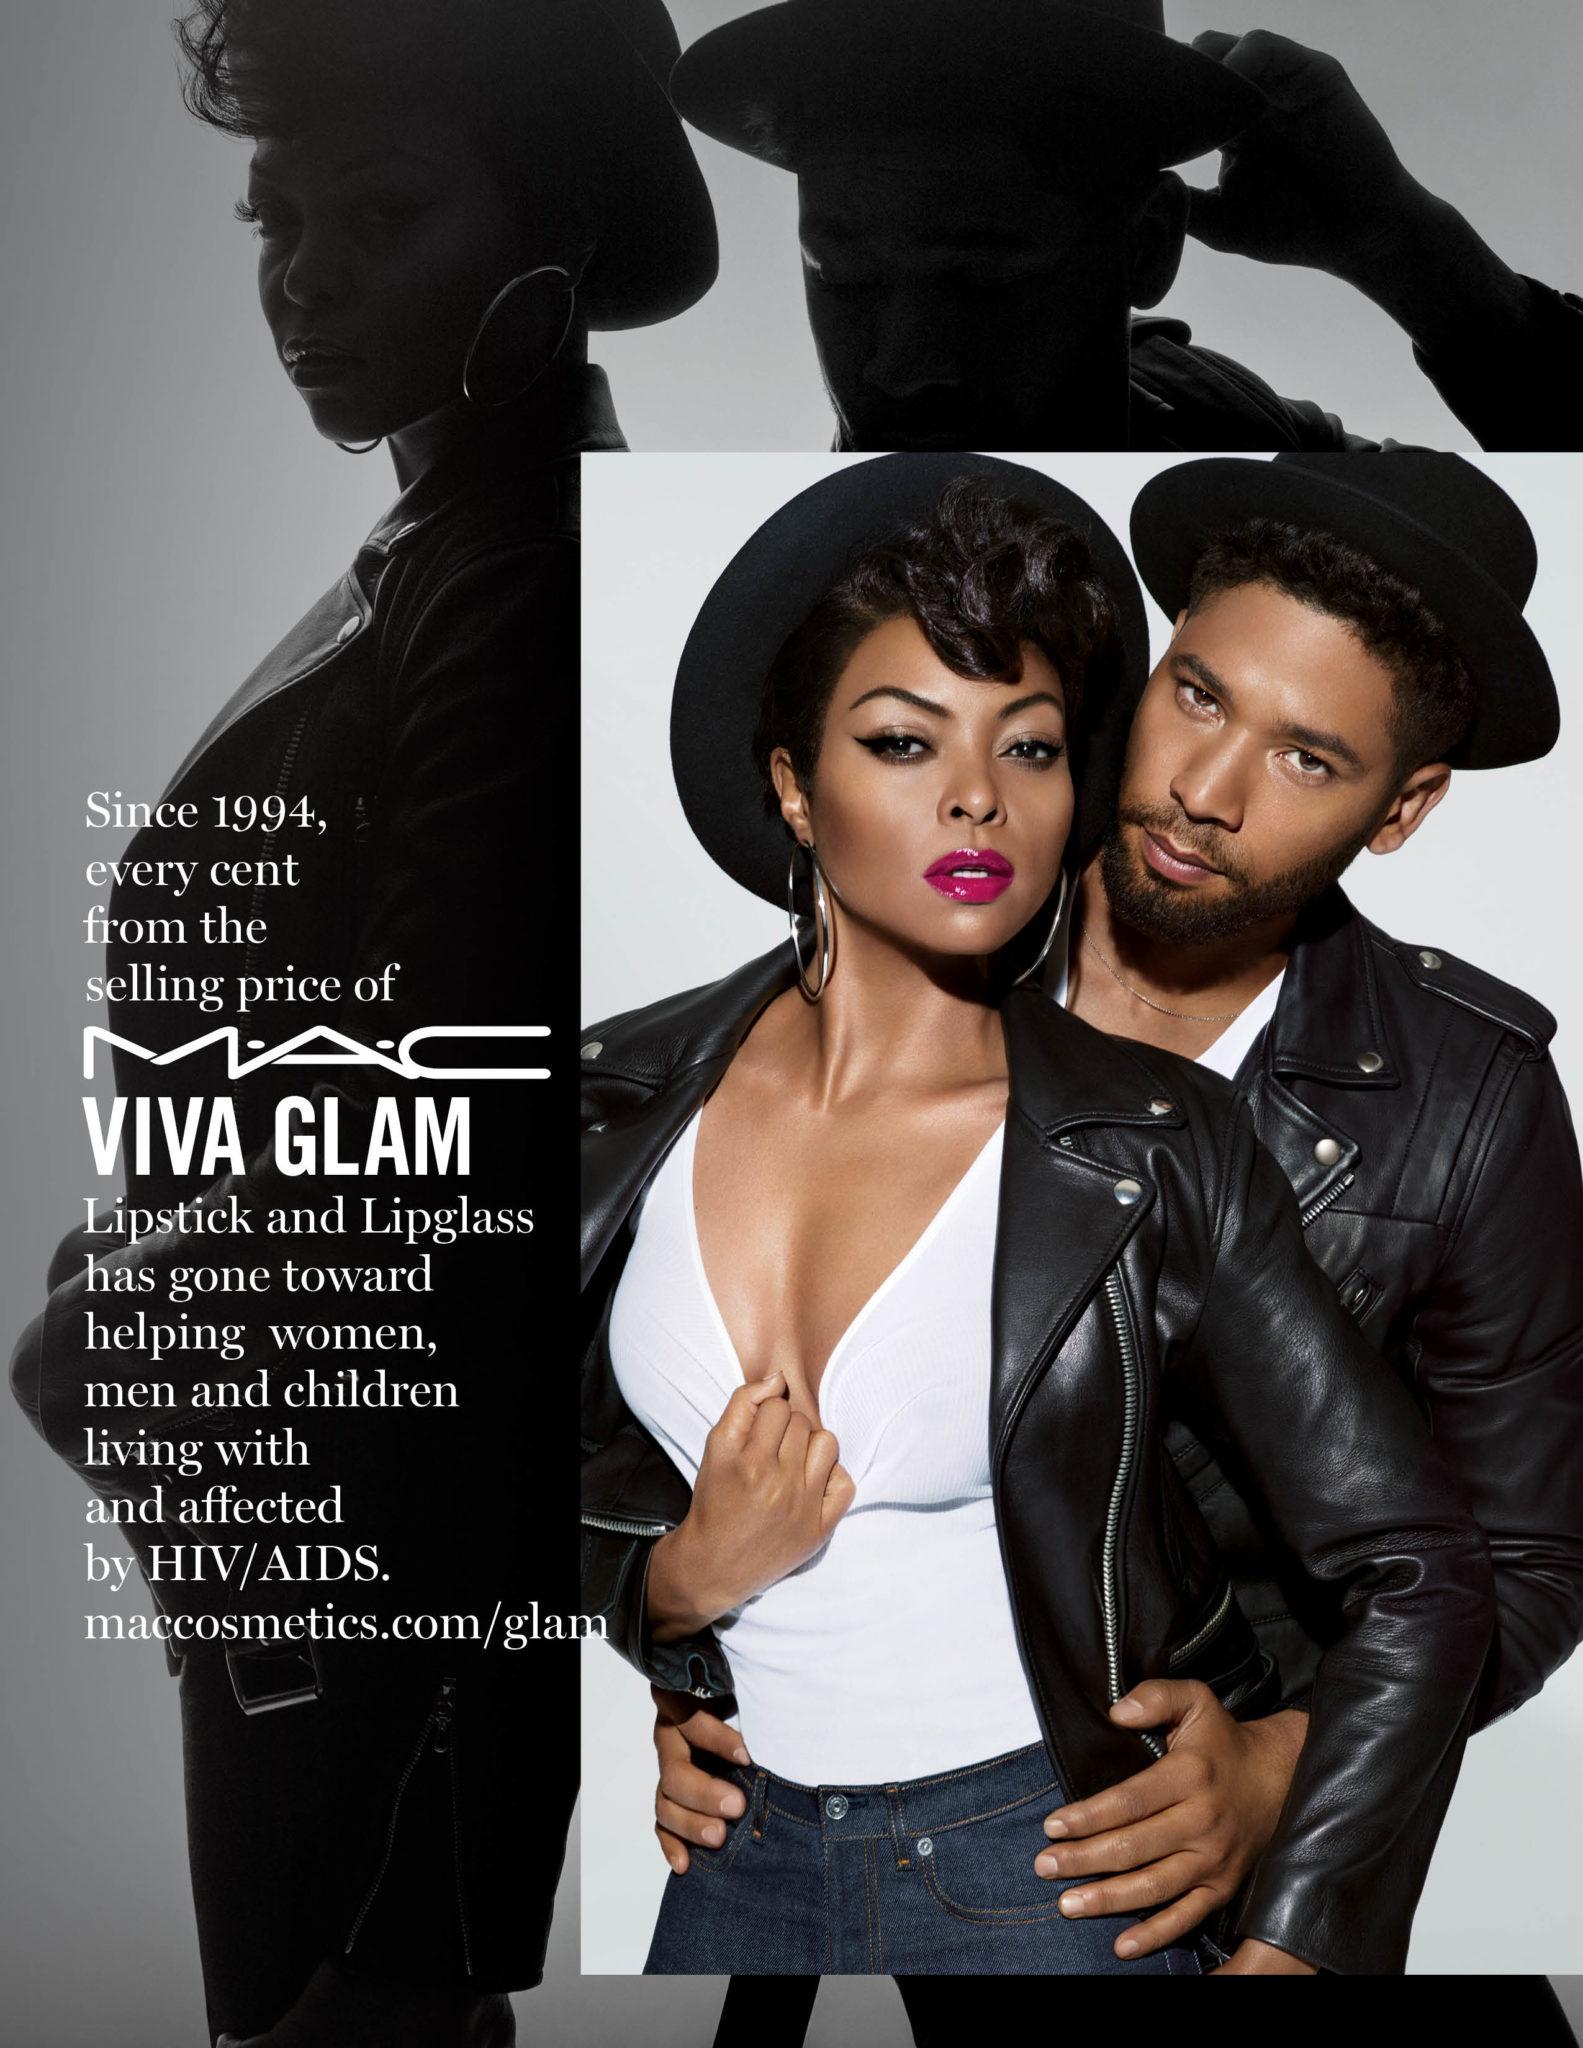 M.A.C. Presents: Taraji P. Henson #VIVAGLAM